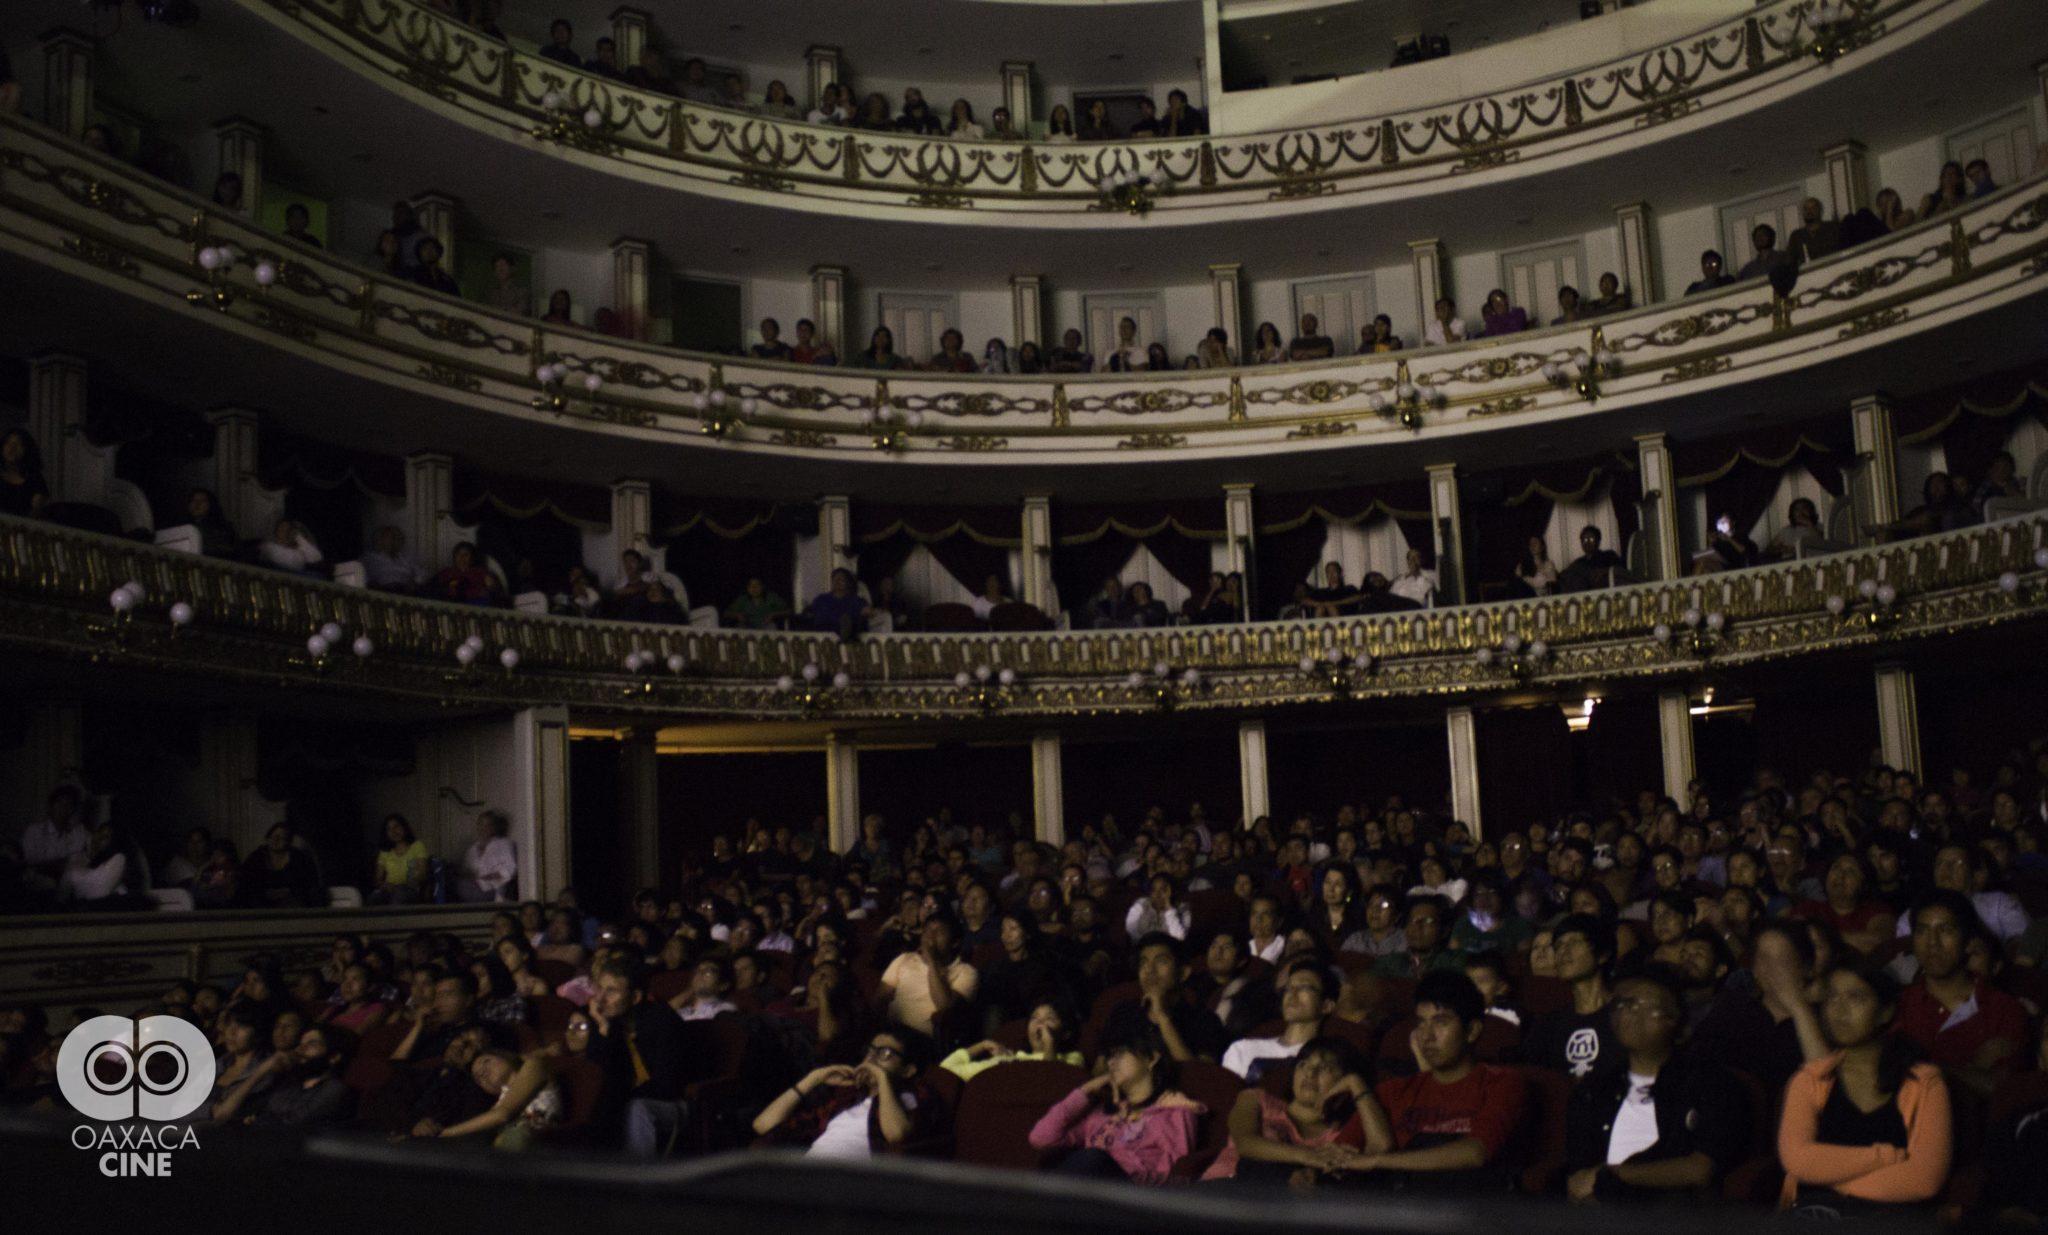 OaxacaCine no se puede abandonar: Rigoberto Perezcano